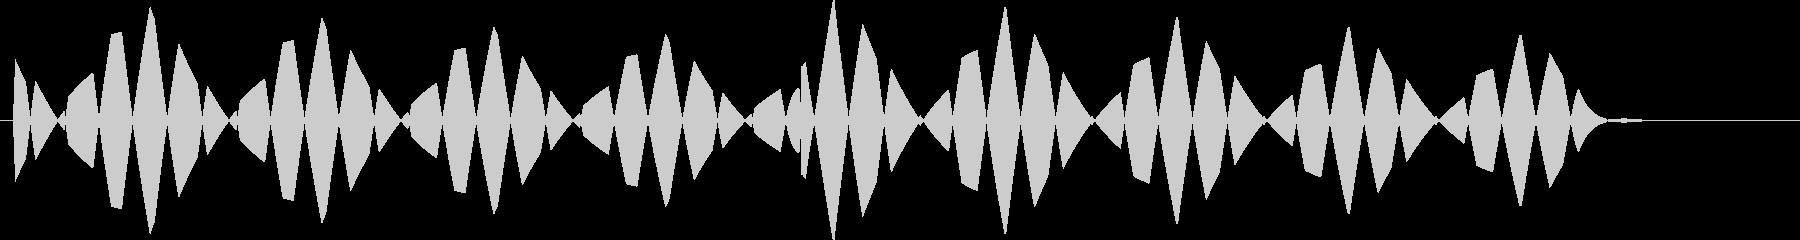 ブブ(キャンセル、間違い、バツ)の未再生の波形